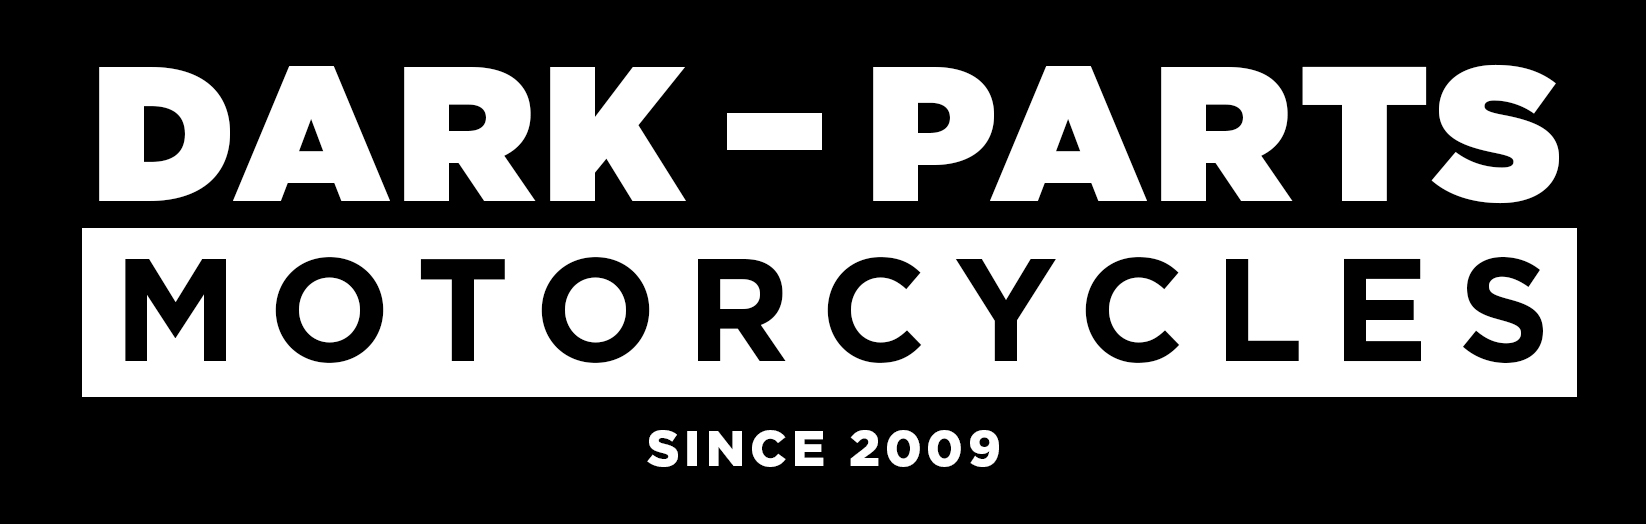 Dark Parts